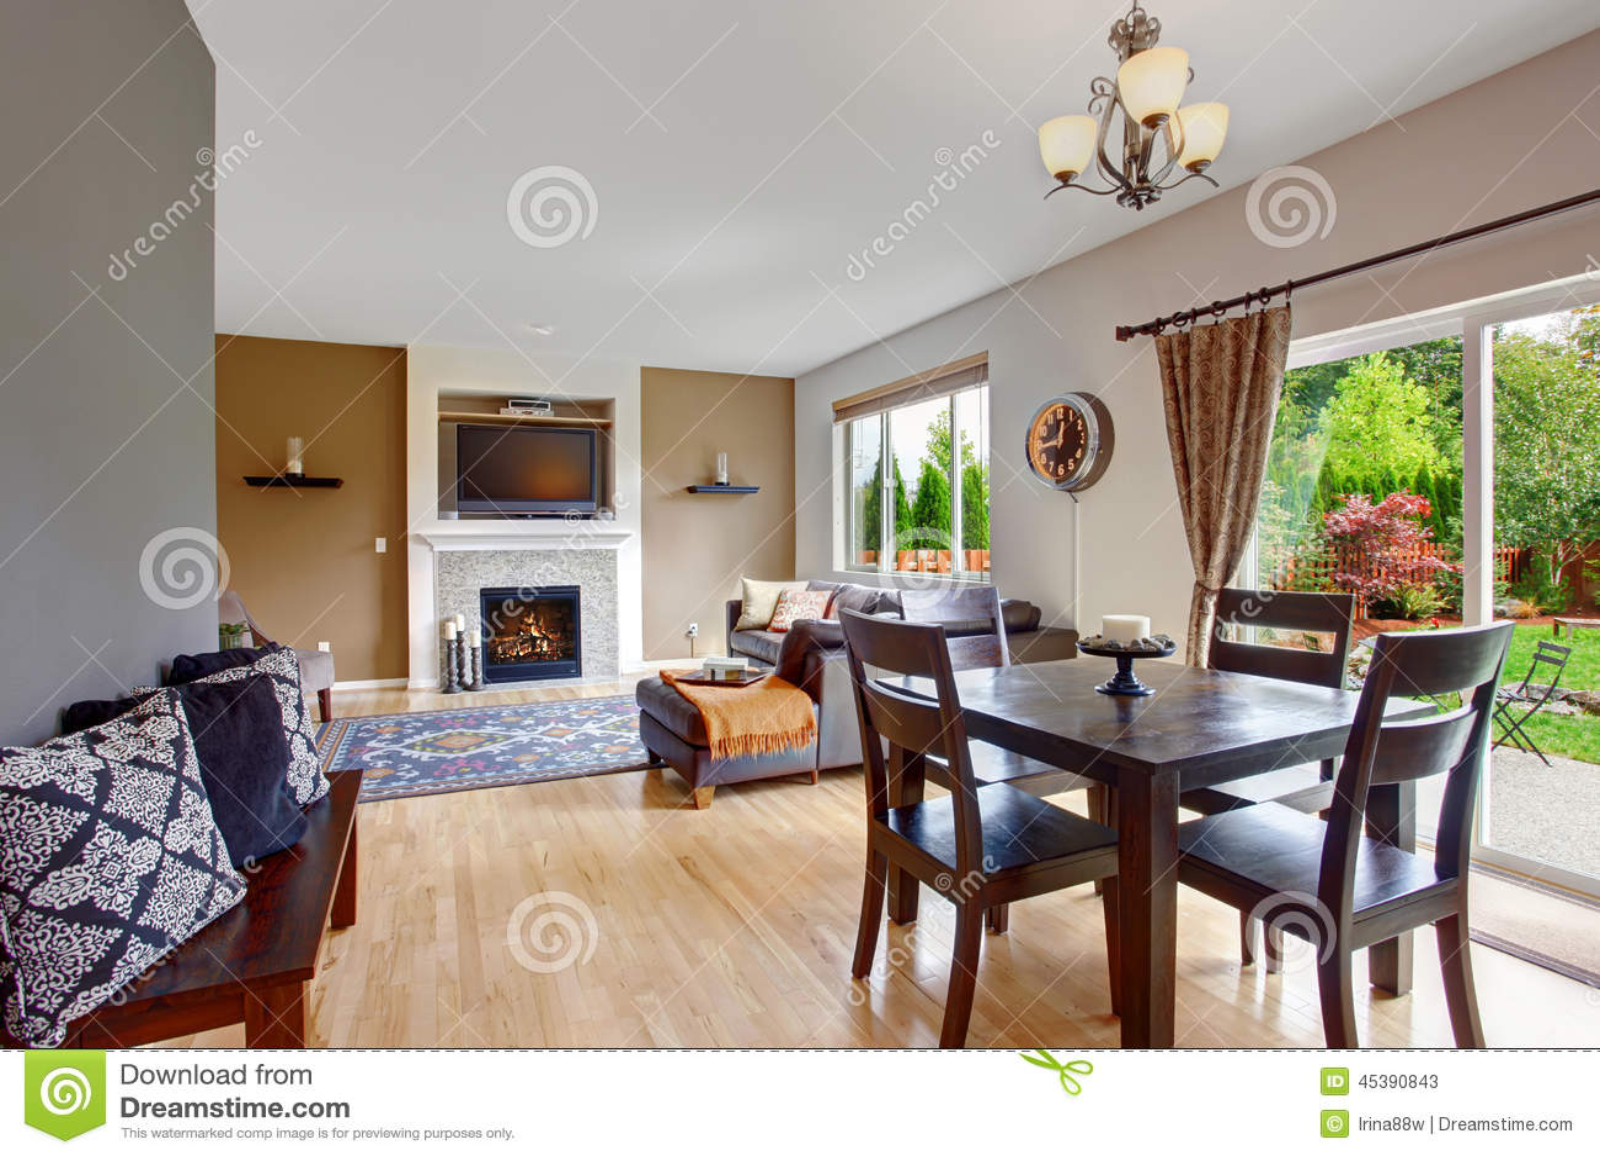 Interior americano da casa com planta baixa aberta sala de Casas americanas interior